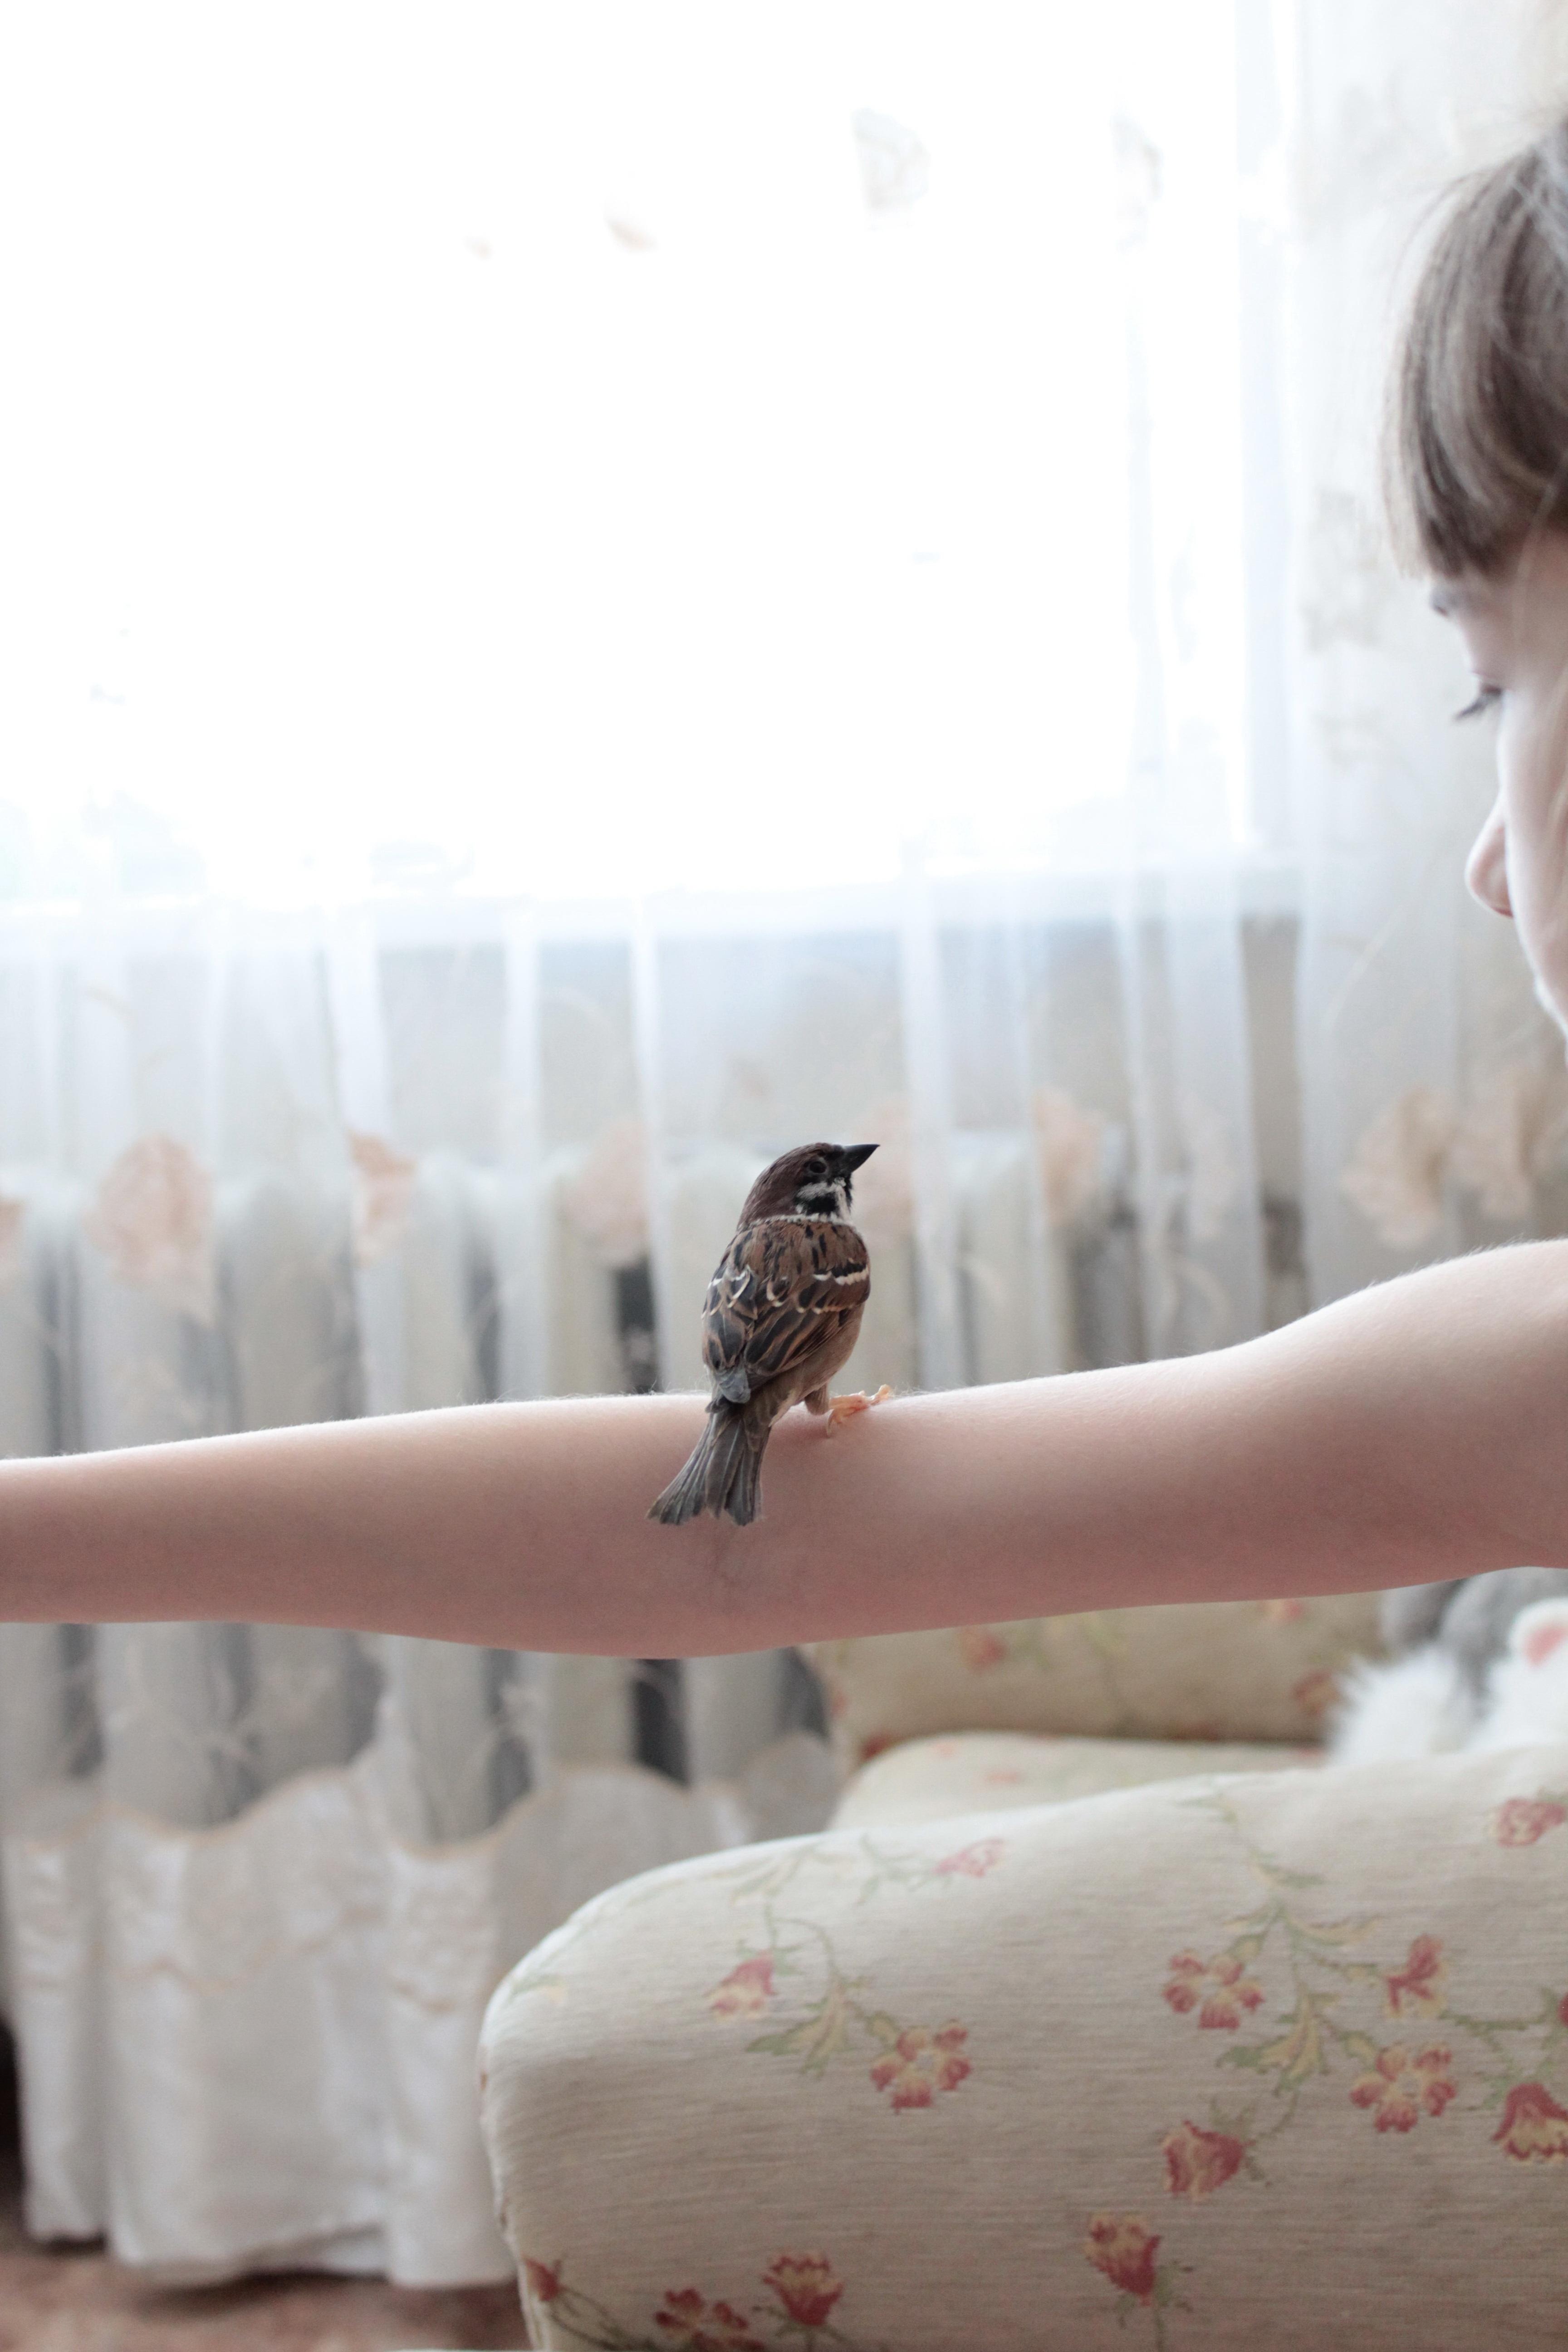 Les Moineaux De La Mariée images gratuites : oiseau, la photographie, fleur, maison